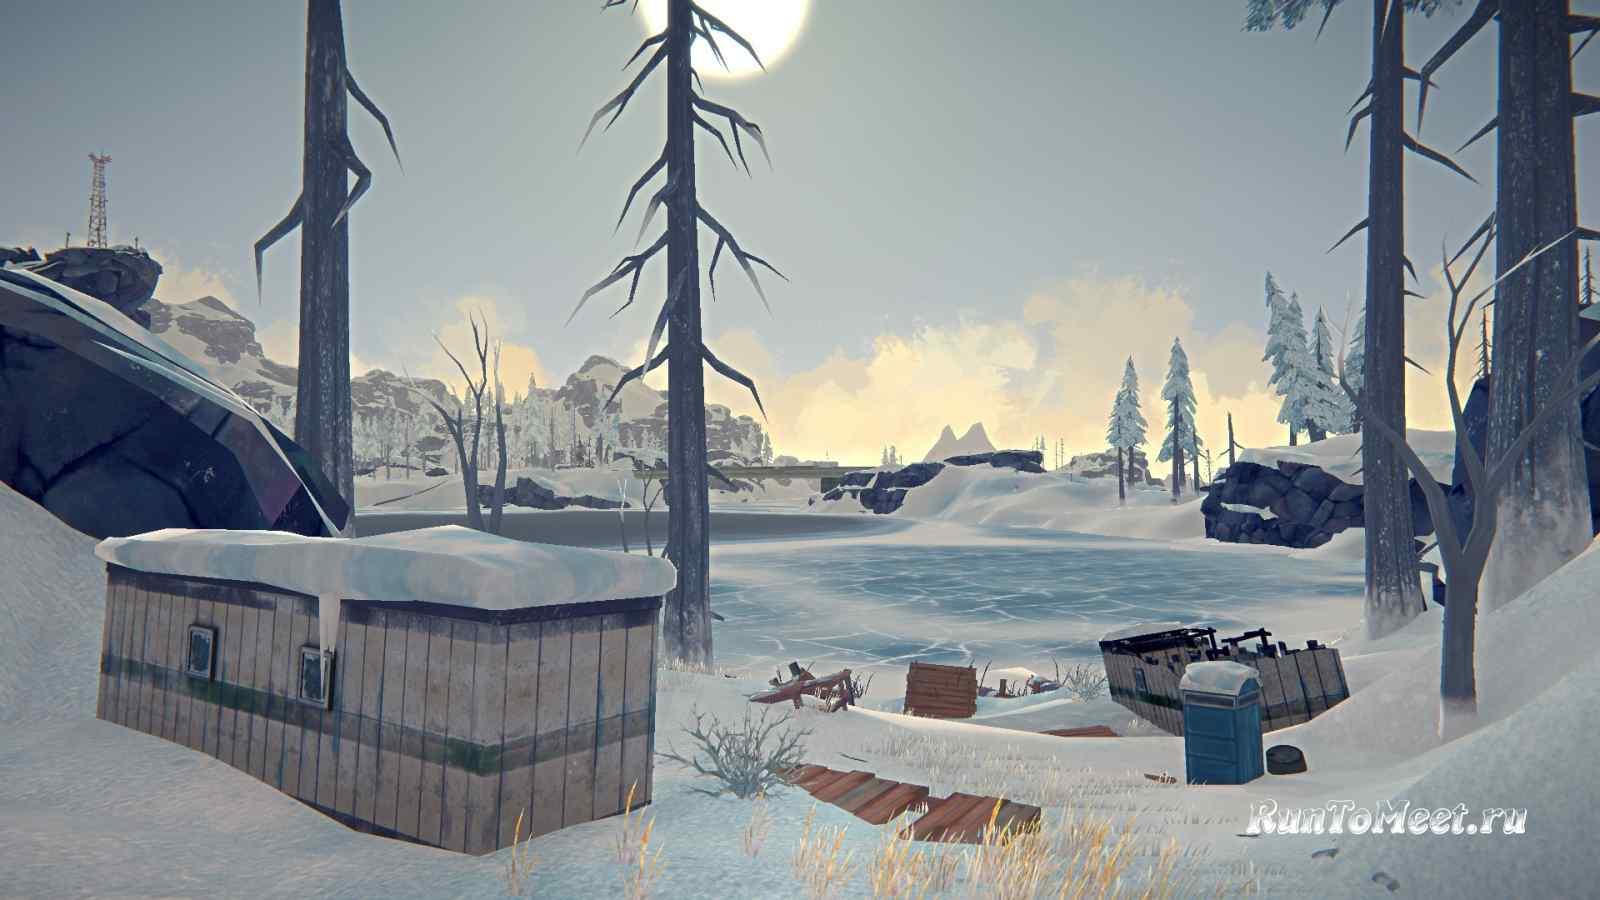 Уцелевший вагончик, на локации Бледная бухта, в игре The long dark